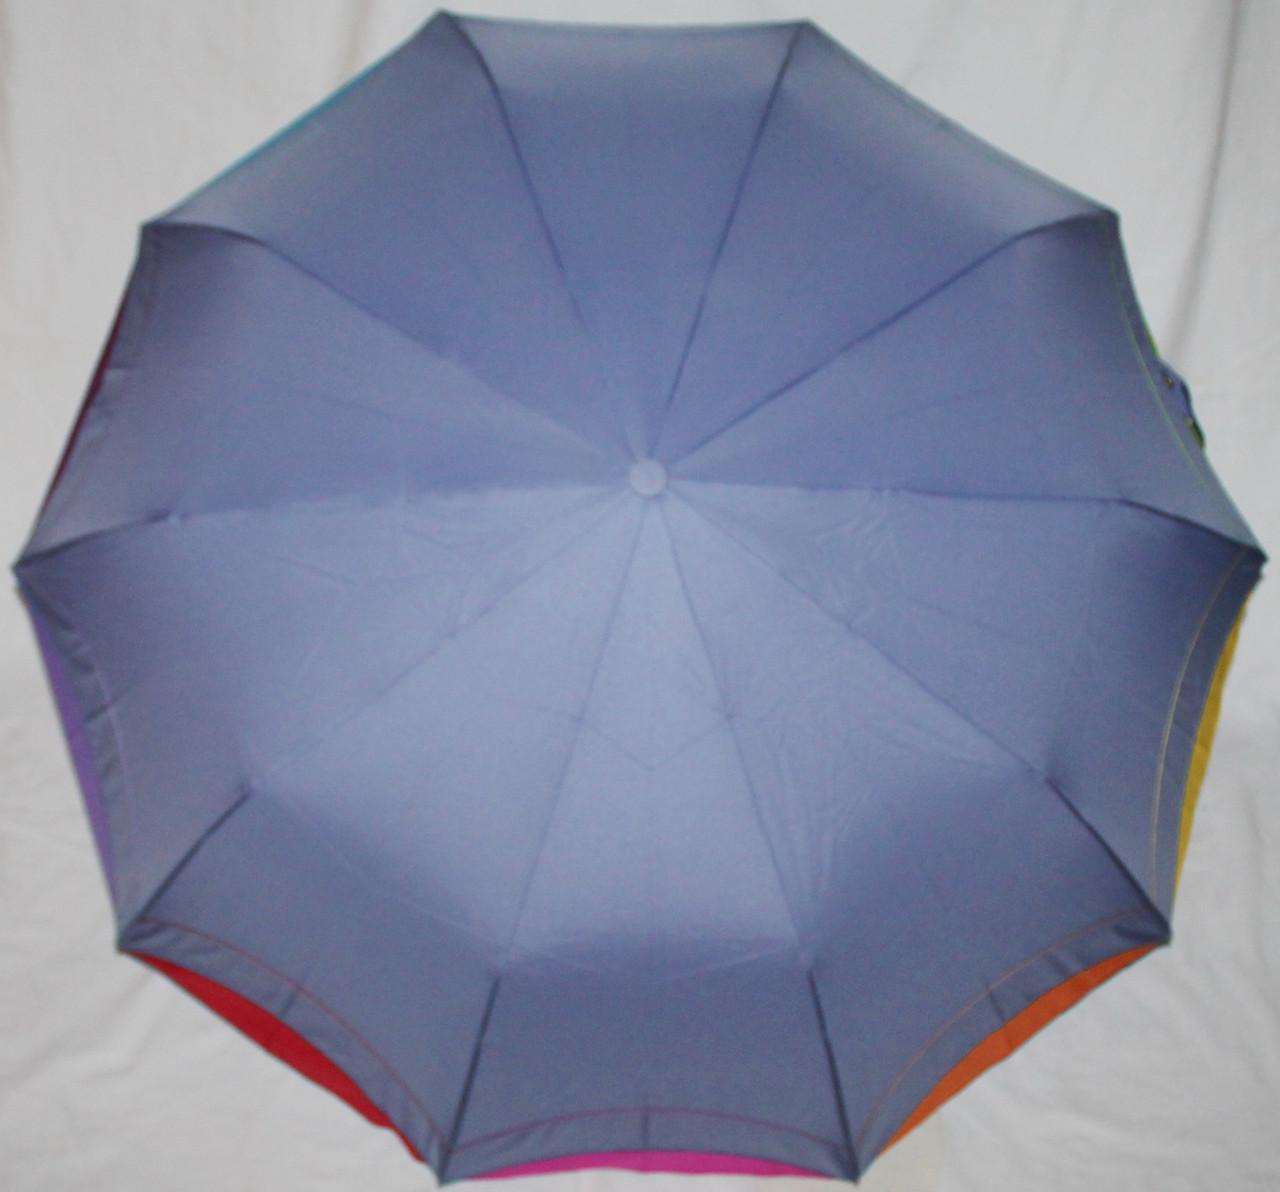 Зонт женский Remit 902 полуавтомат антиураган, 10 спиц, голубой с разноцветным кантом